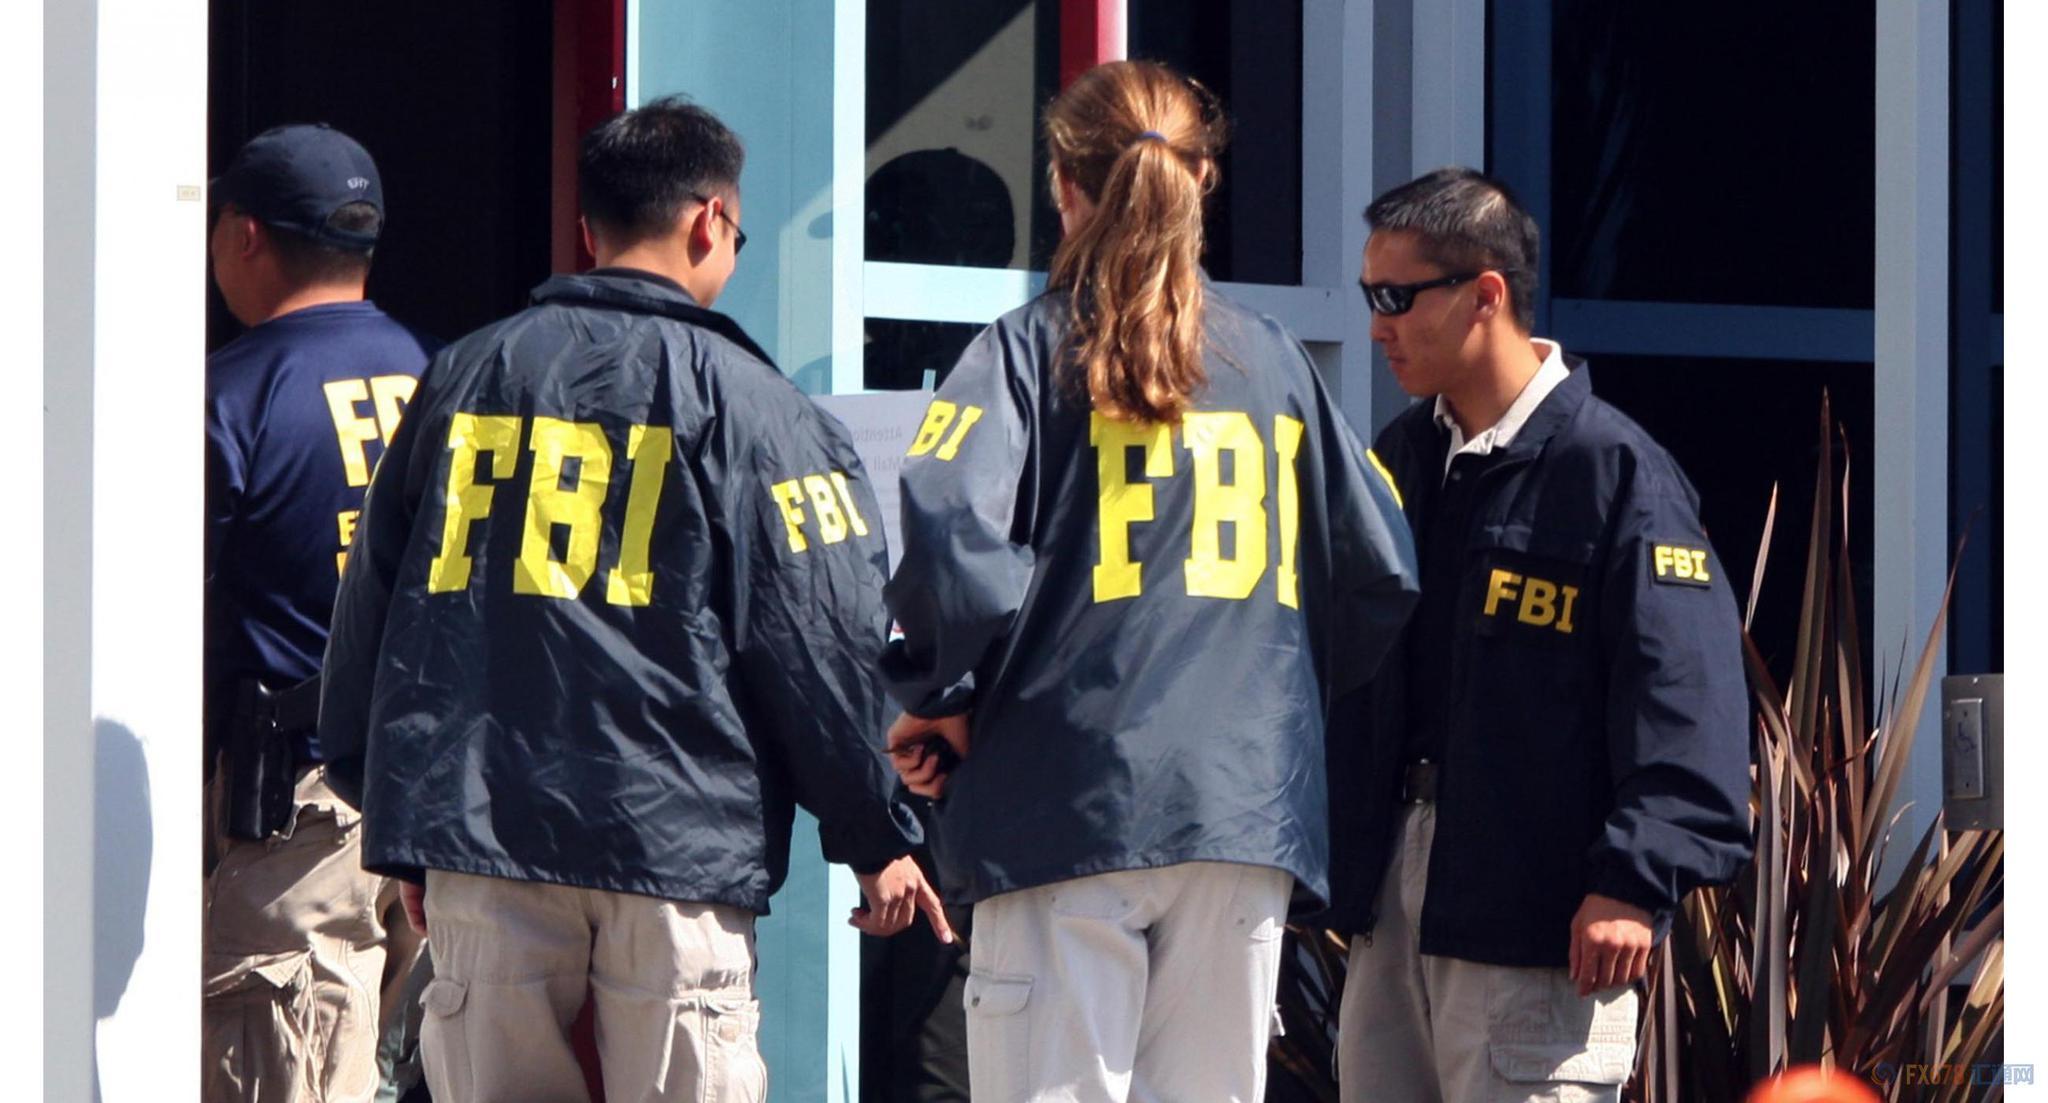 律师办公室遭fbi搜查